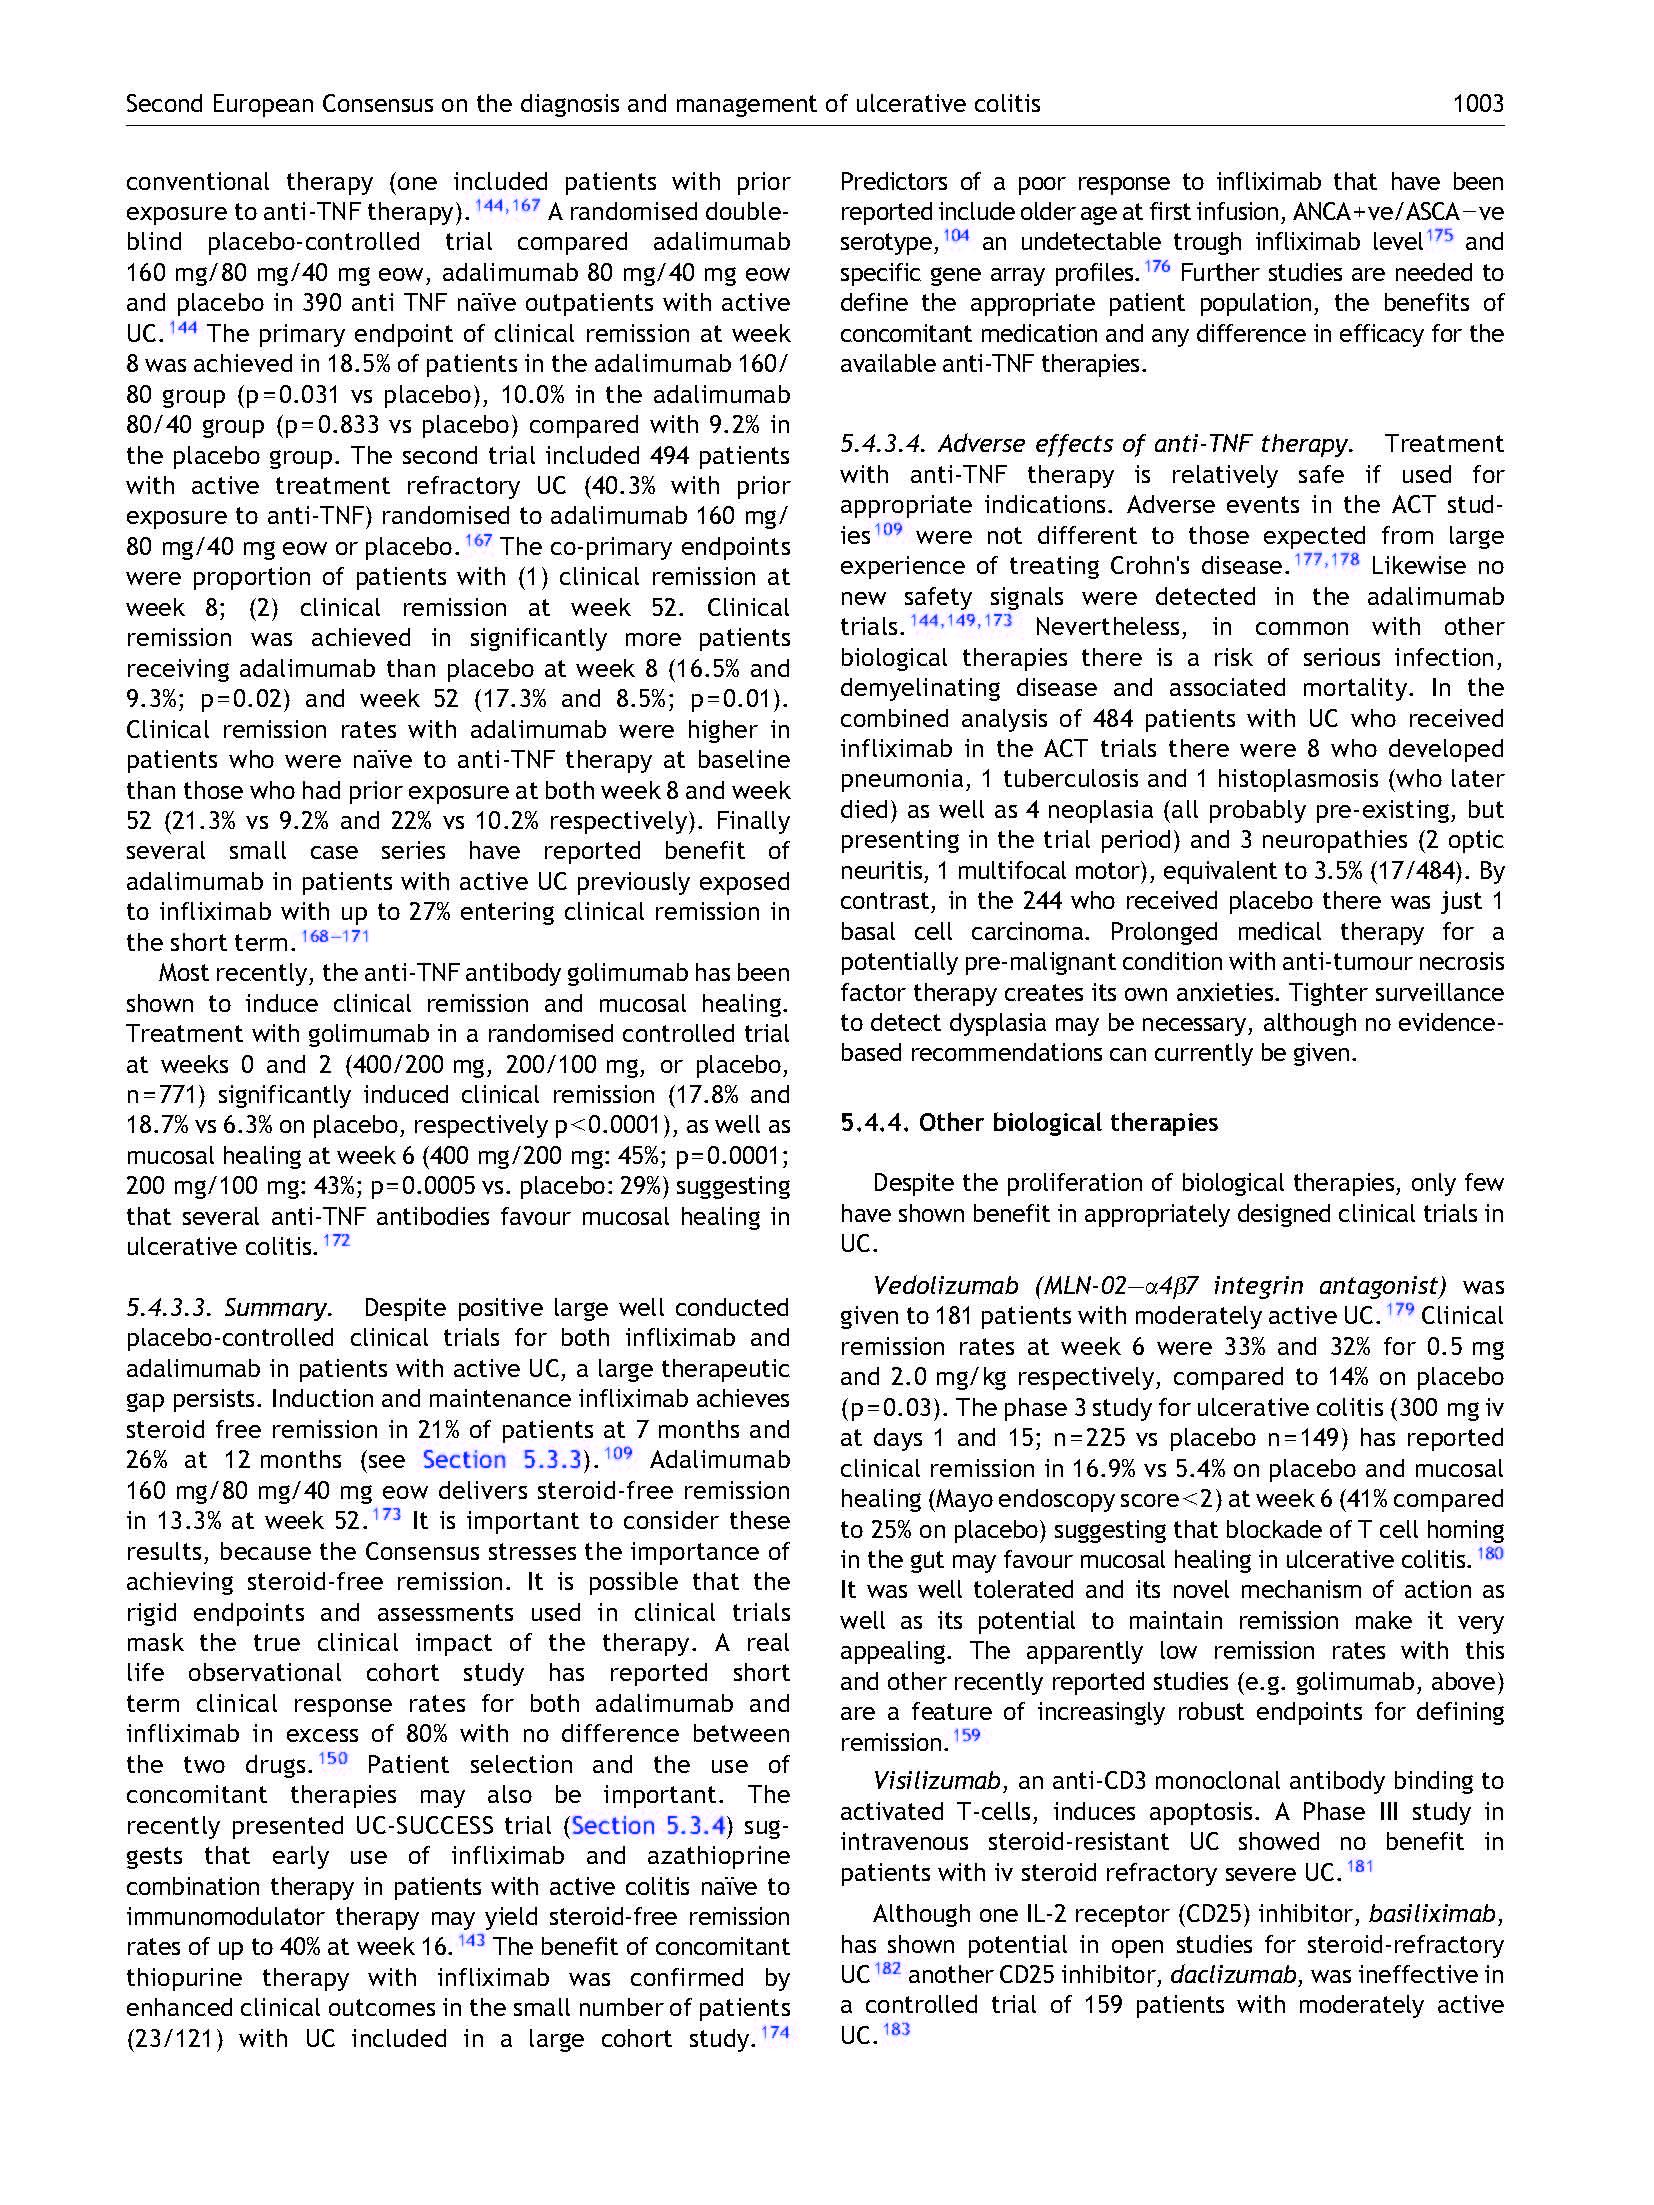 2012-ECCO第二版-欧洲询证共识:溃疡性结肠炎的诊断和处理—日常处理_页面_13.jpg